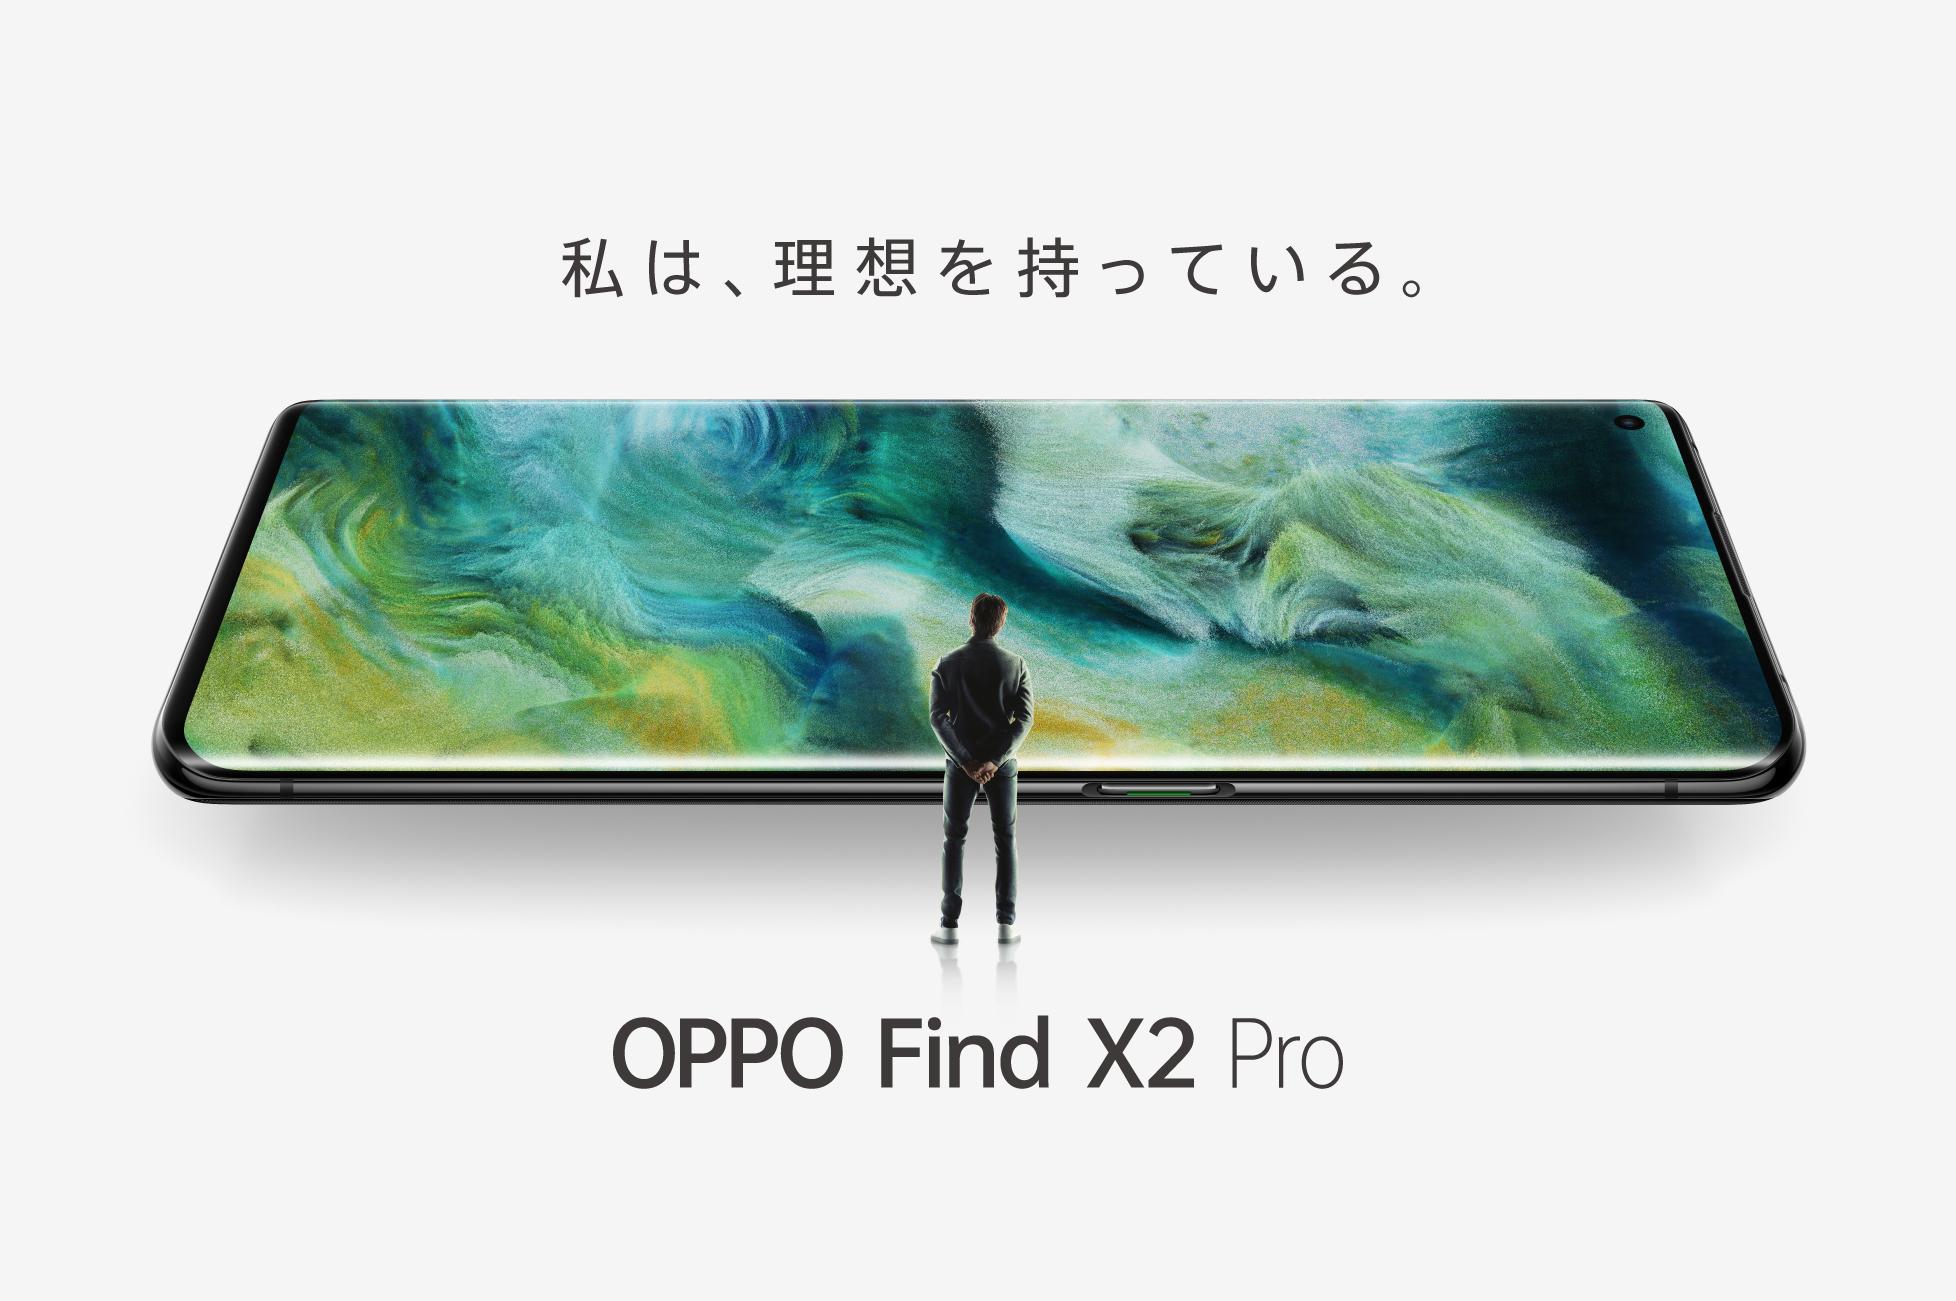 オッポジャパン  「OPPO Find X2 Pro」が  KDDI株式会社、沖縄セルラー電話株式会社の  独占モデルとして取り扱い開始